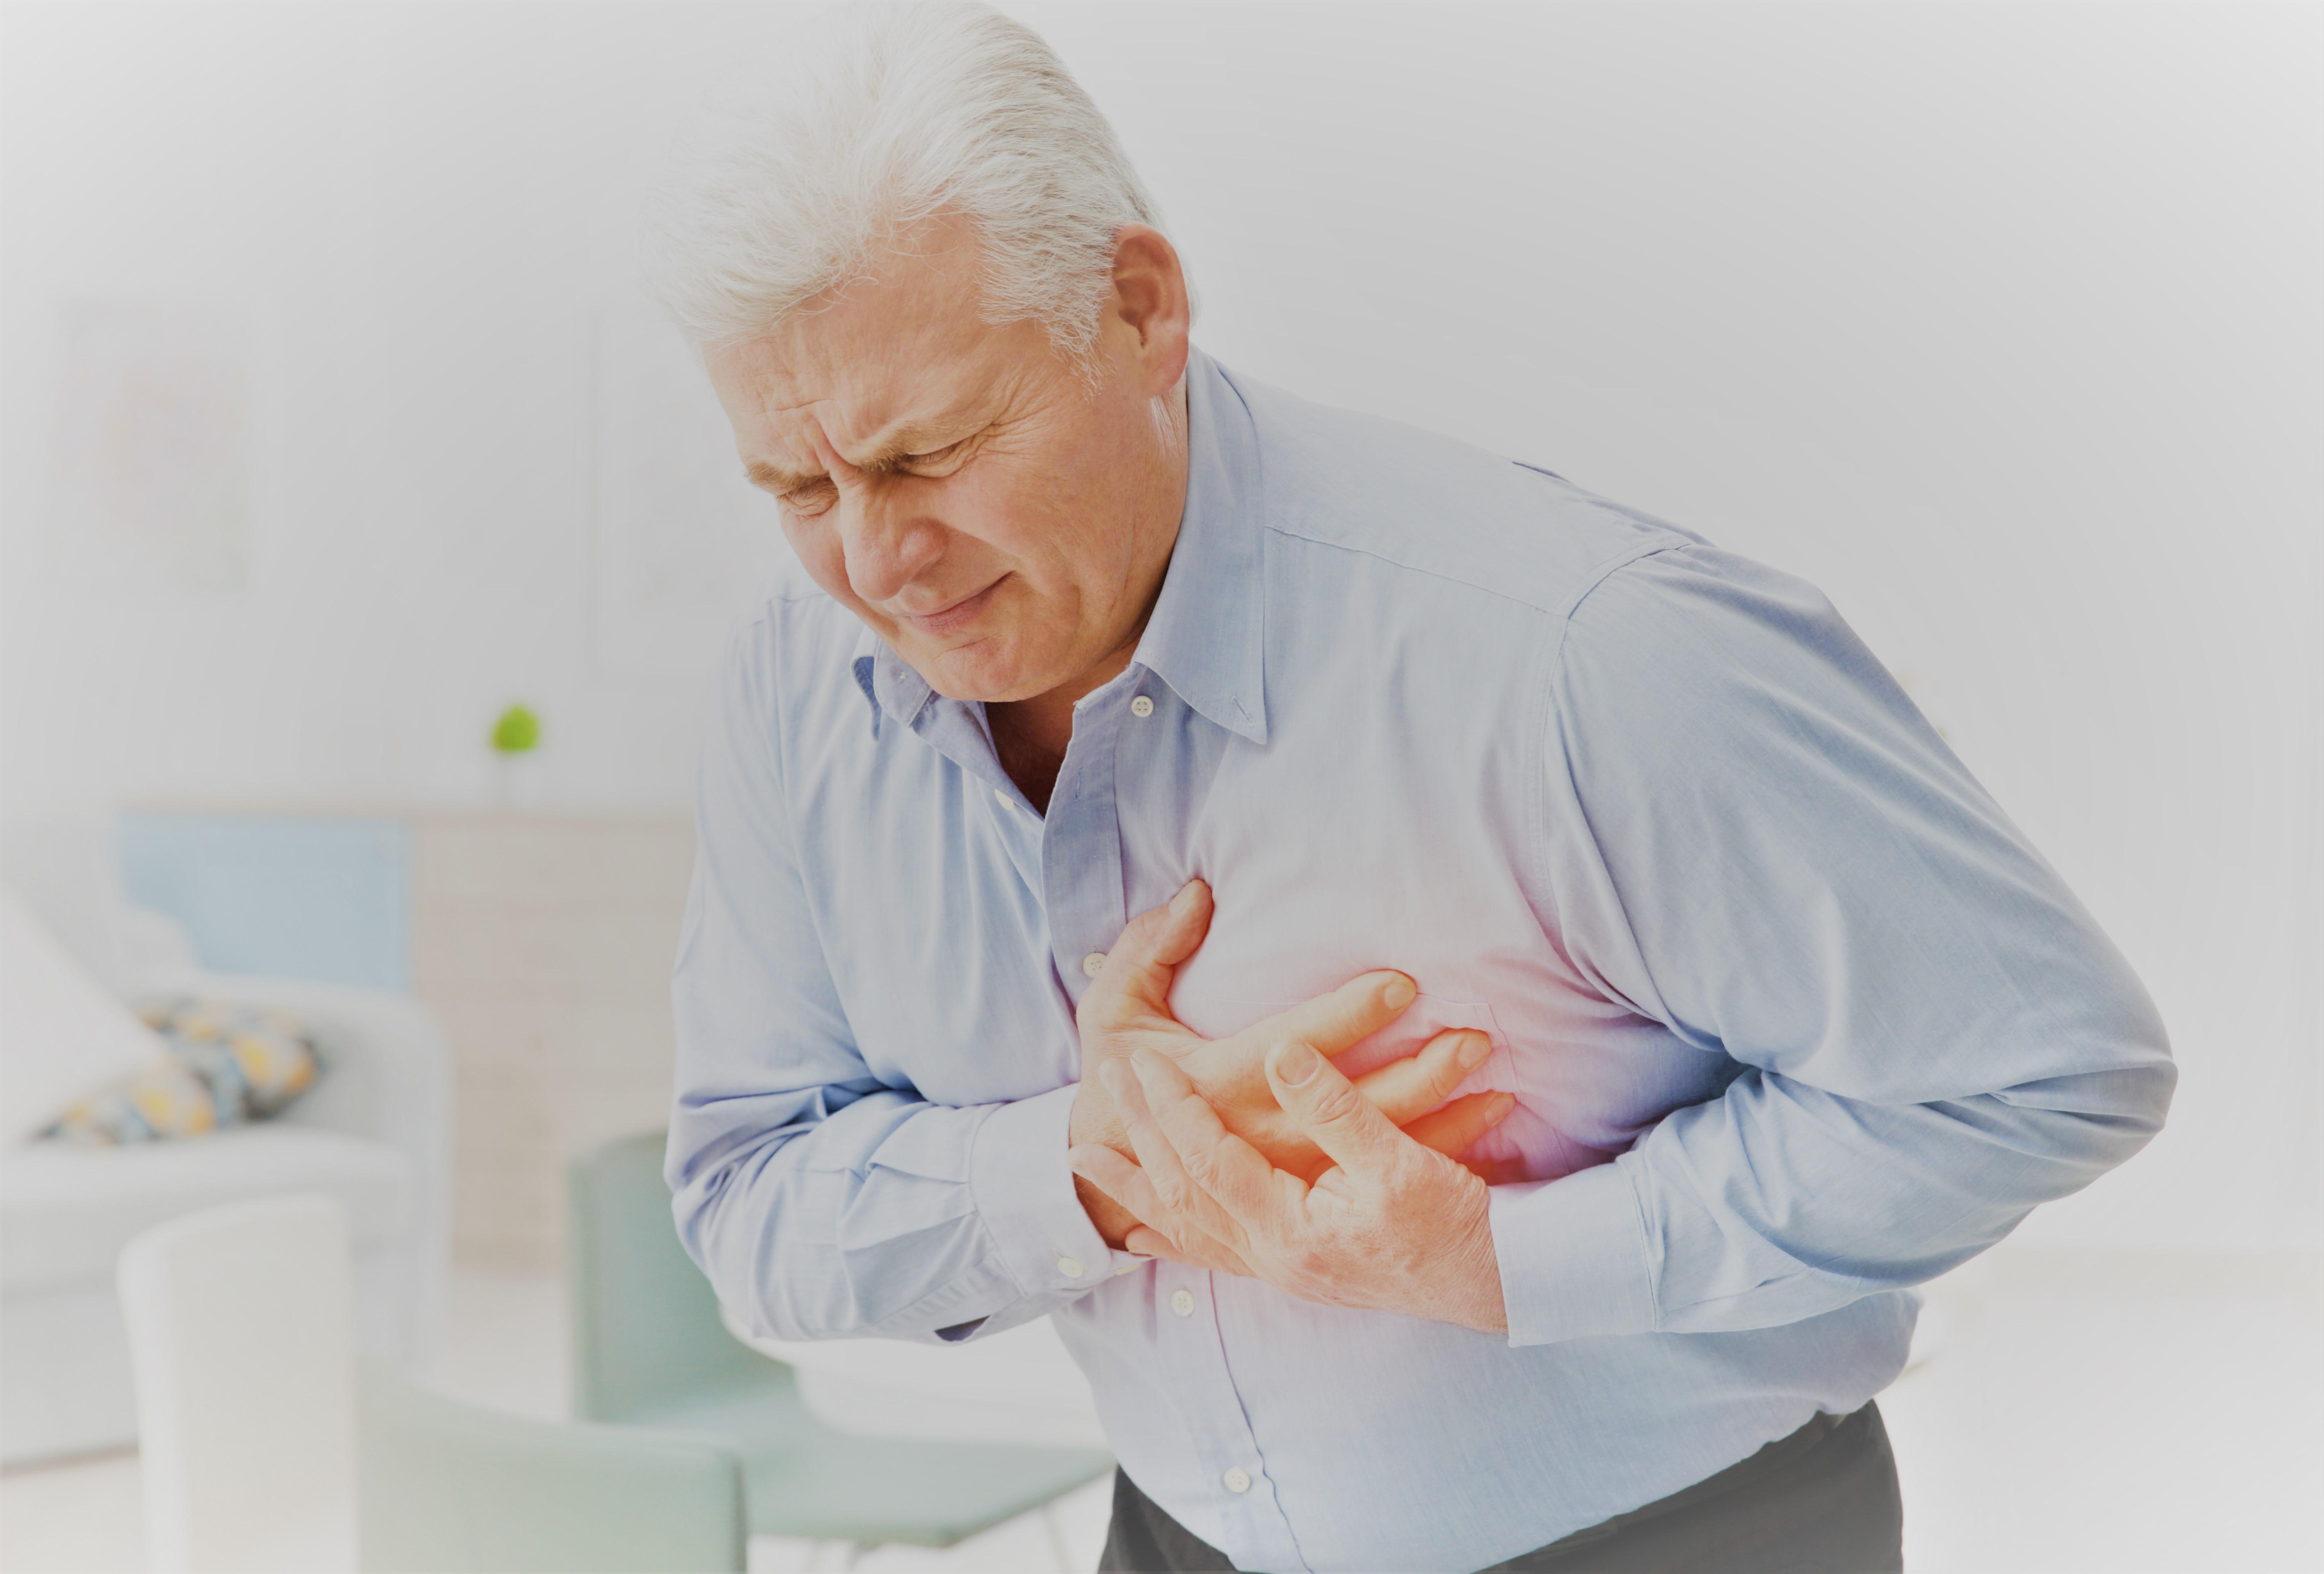 szegycsont borda ízületek fájdalma